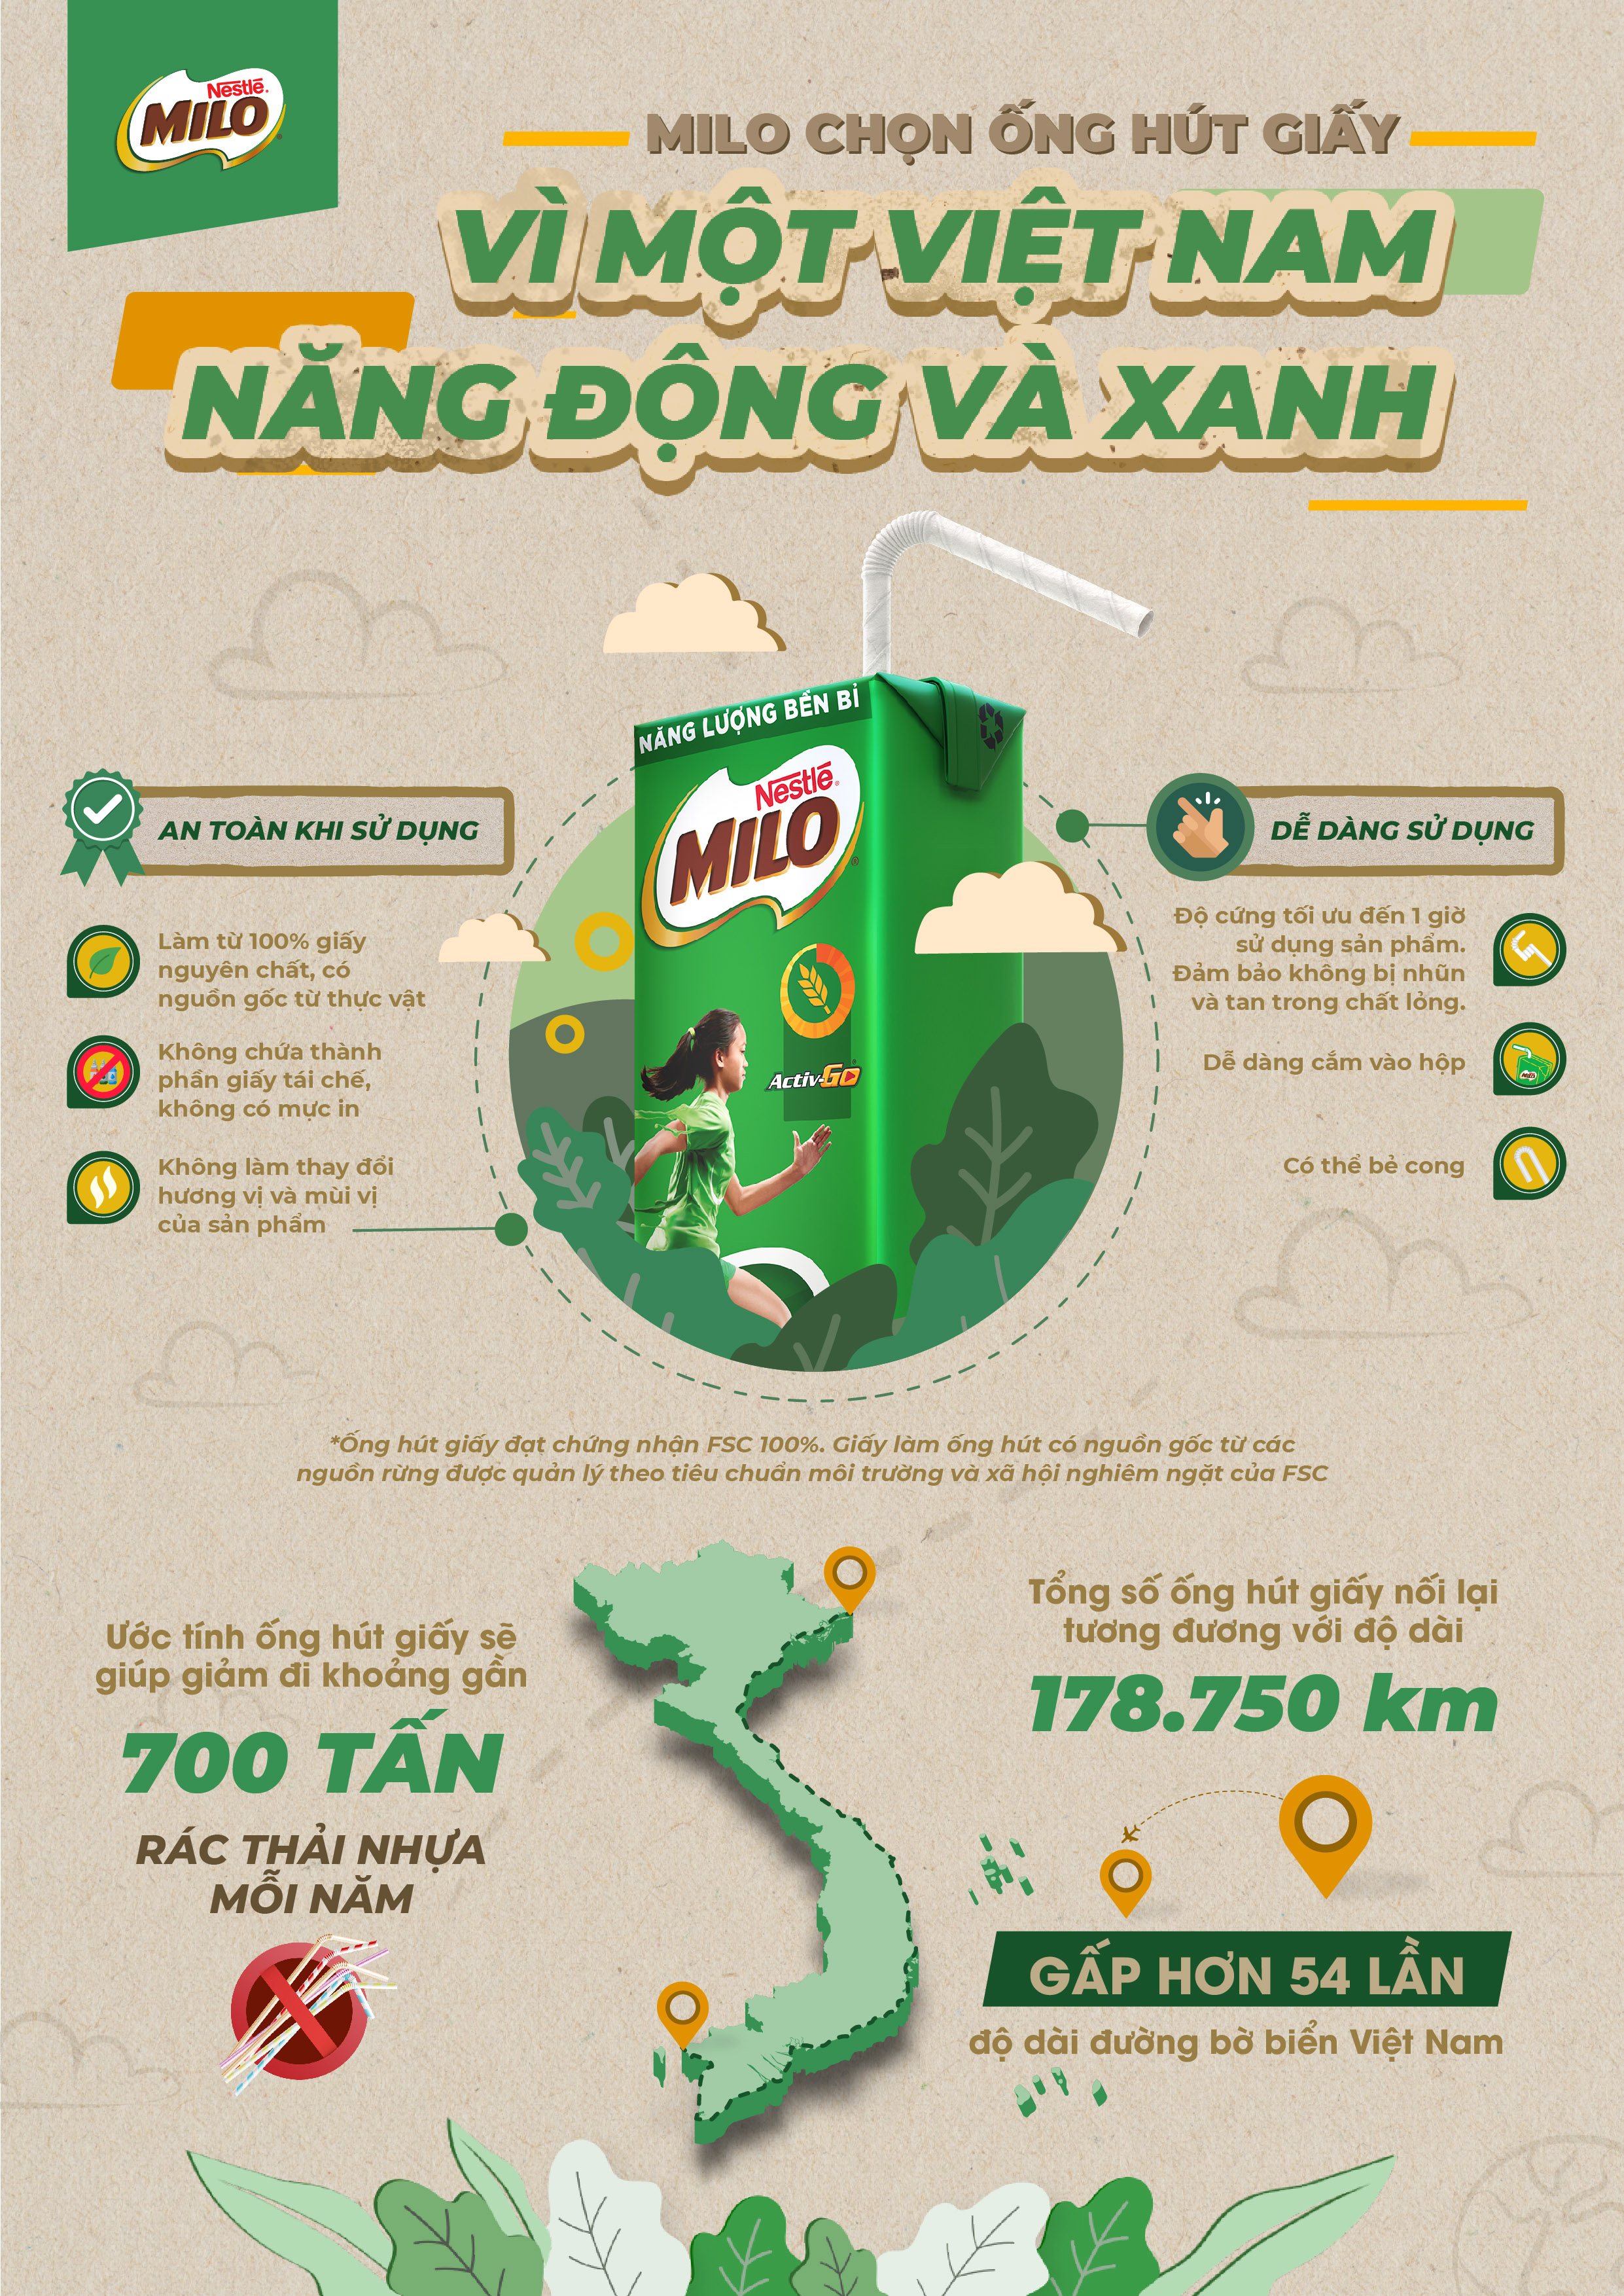 """Nestlé MILO tiên phong hưởng ứng chiến dịch """"Nói không với ống hút nhựa"""" của Bộ Tài nguyên và Môi trường"""